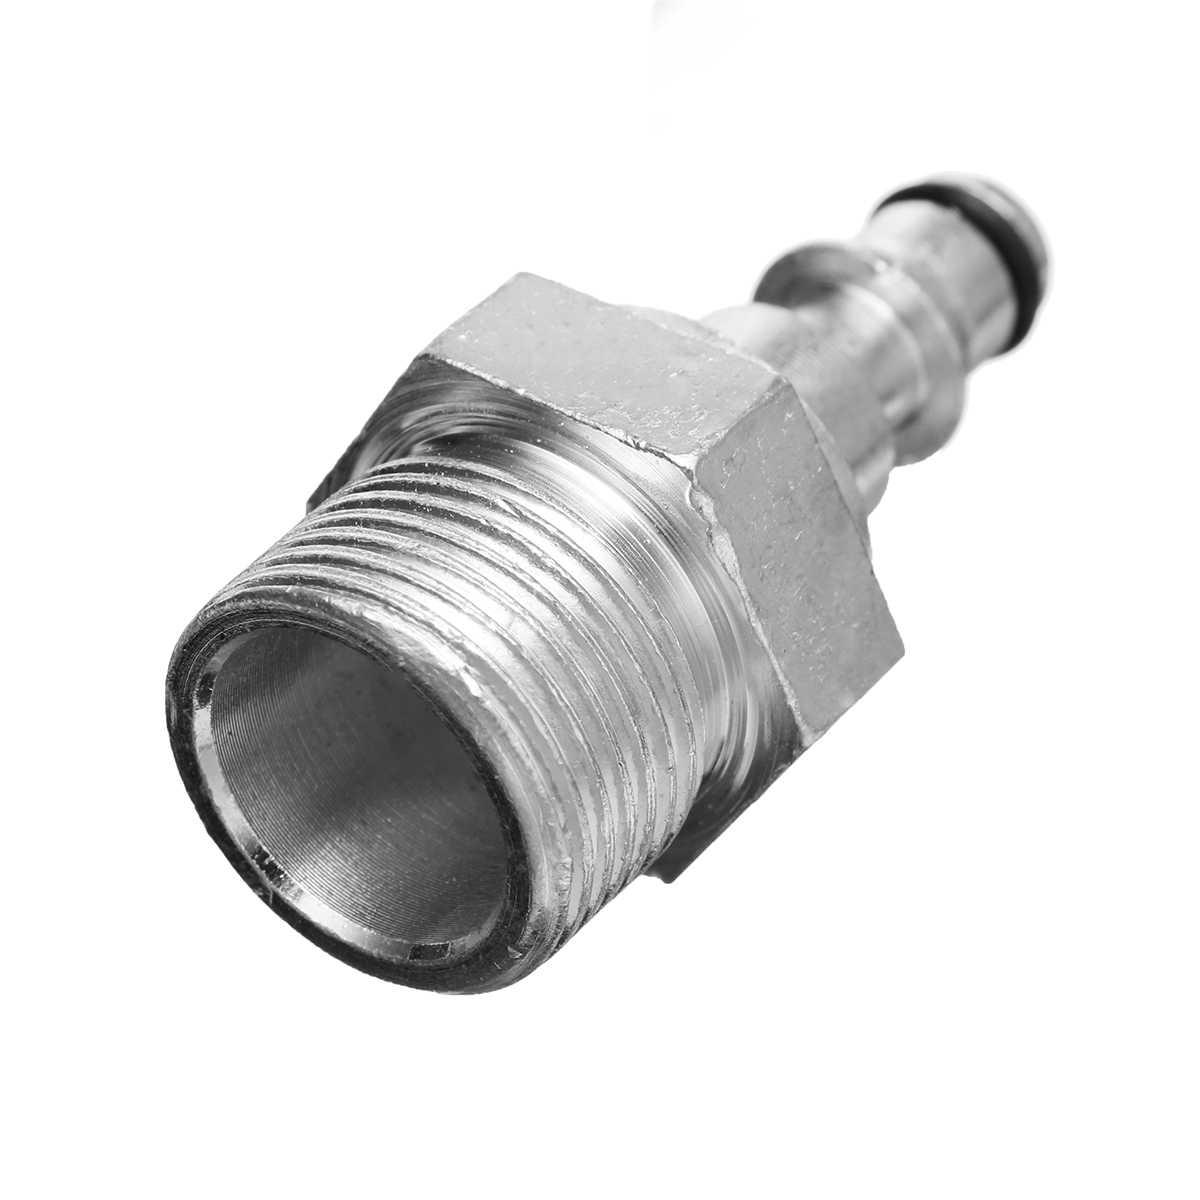 1 Pcs Koneksi Cepat Tekanan Mesin Cuci Senjata Selang Pas untuk M22 Adaptor untuk VAX Rumah Mobil Mesin Cuci Mesin Cuci Konektor alat